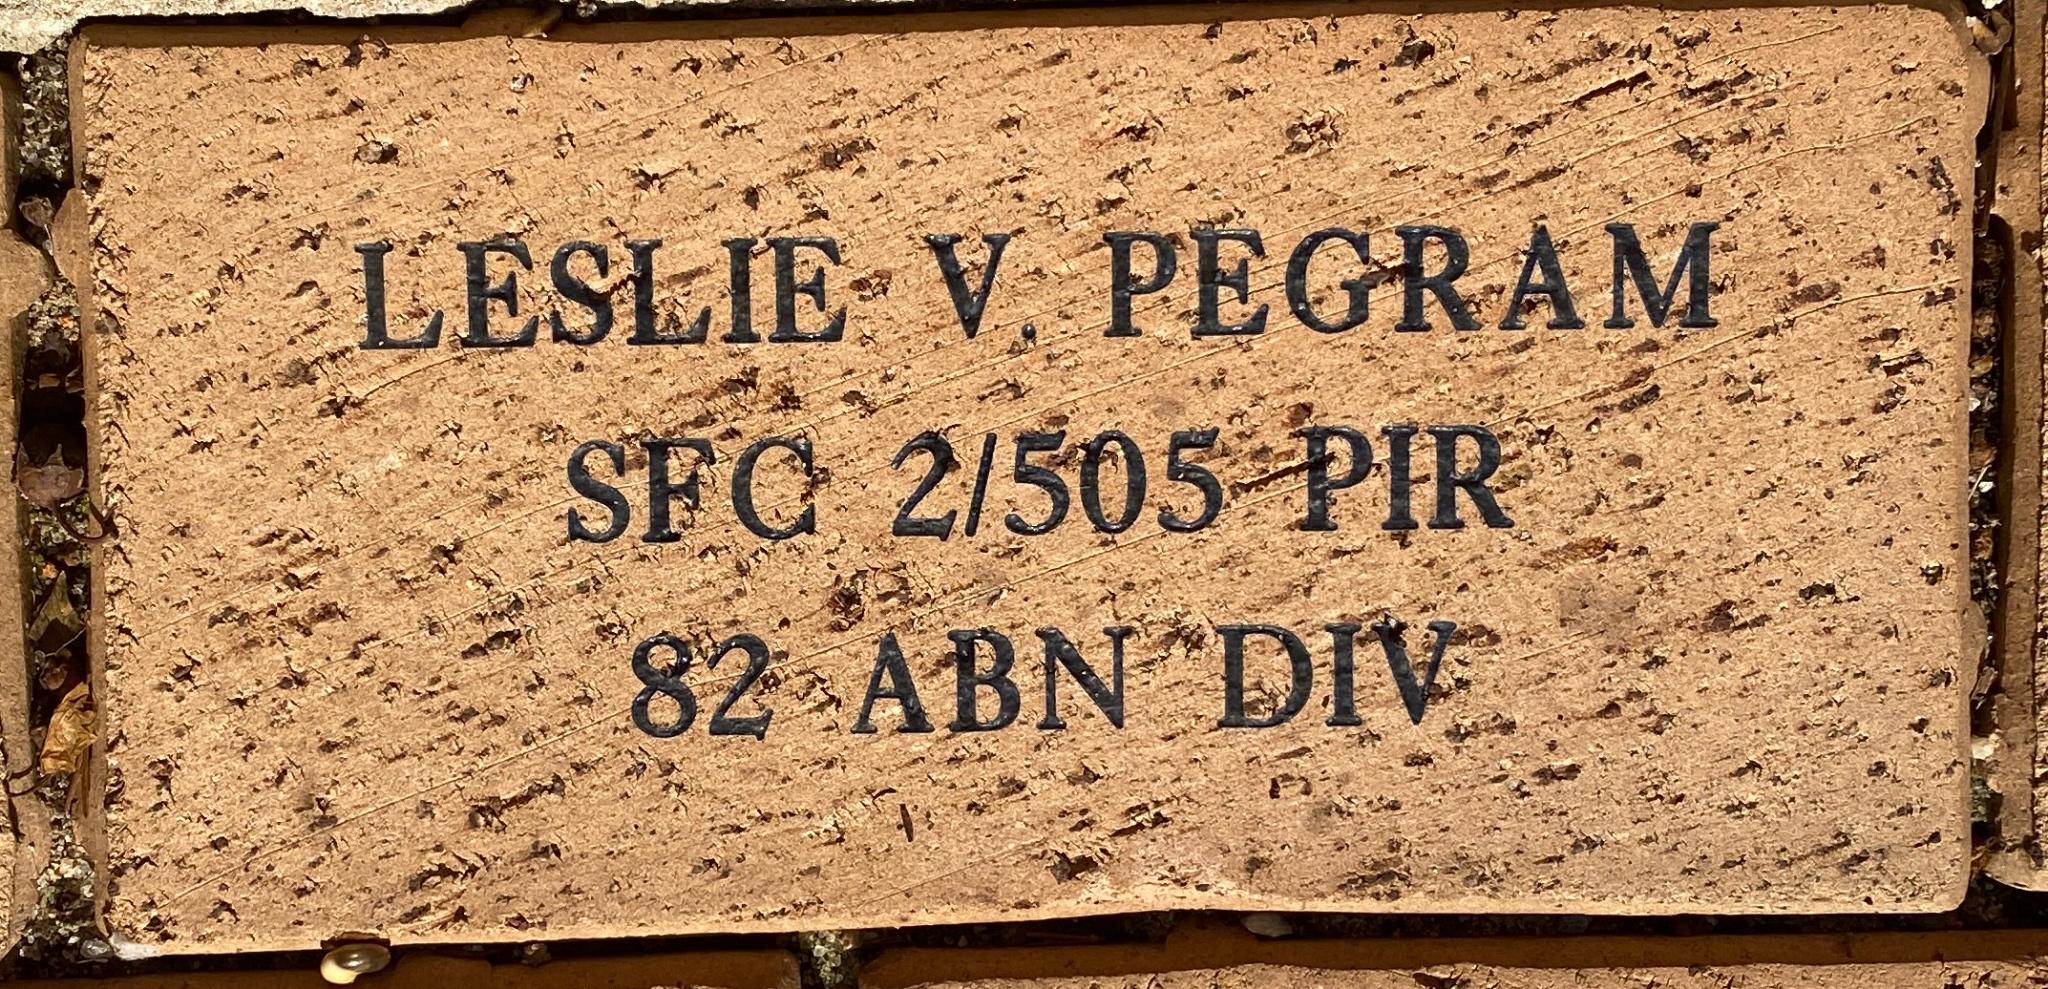 LESLIE V PEGRAM SFC 2/505 PIR 82 ABN DIV